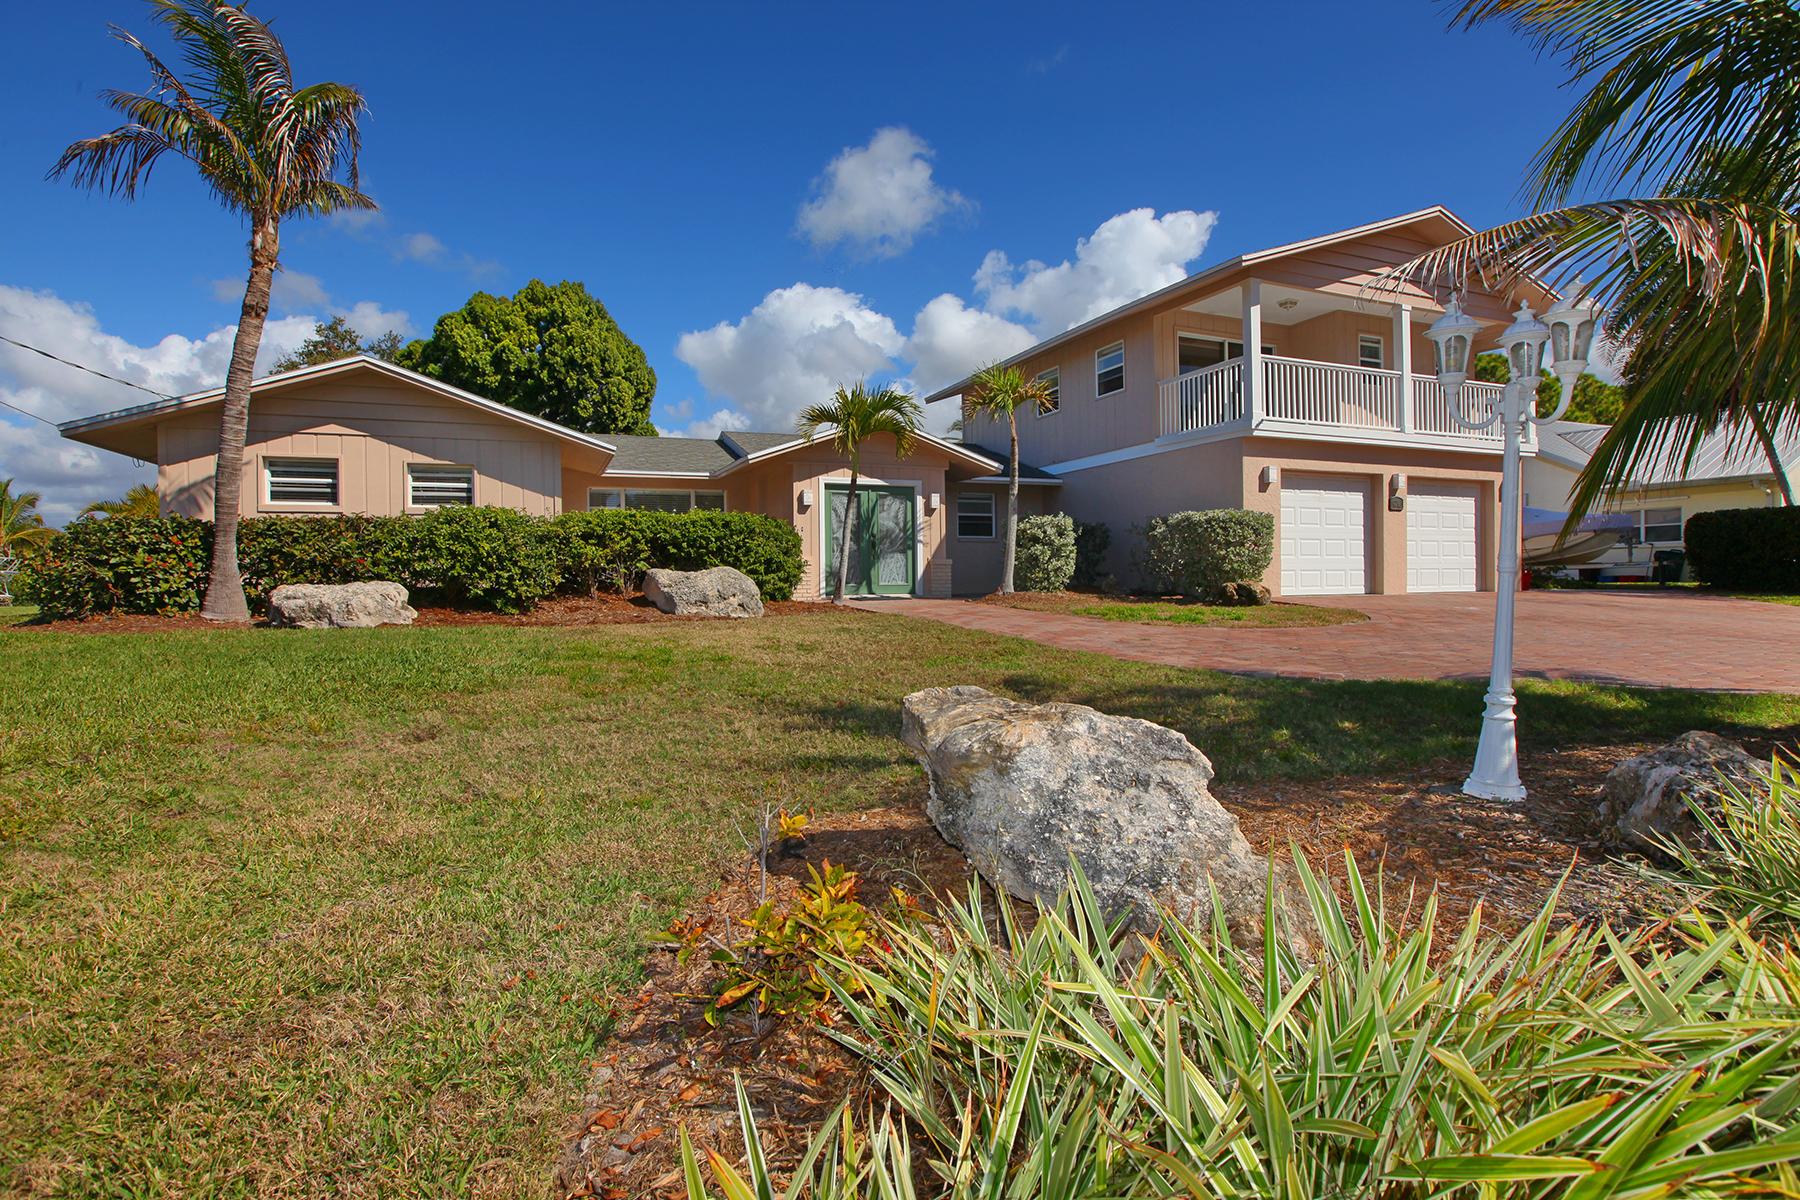 Maison unifamiliale pour l Vente à SORRENTO SHORES 424 Sorrento Dr Osprey, Florida 34229 États-Unis